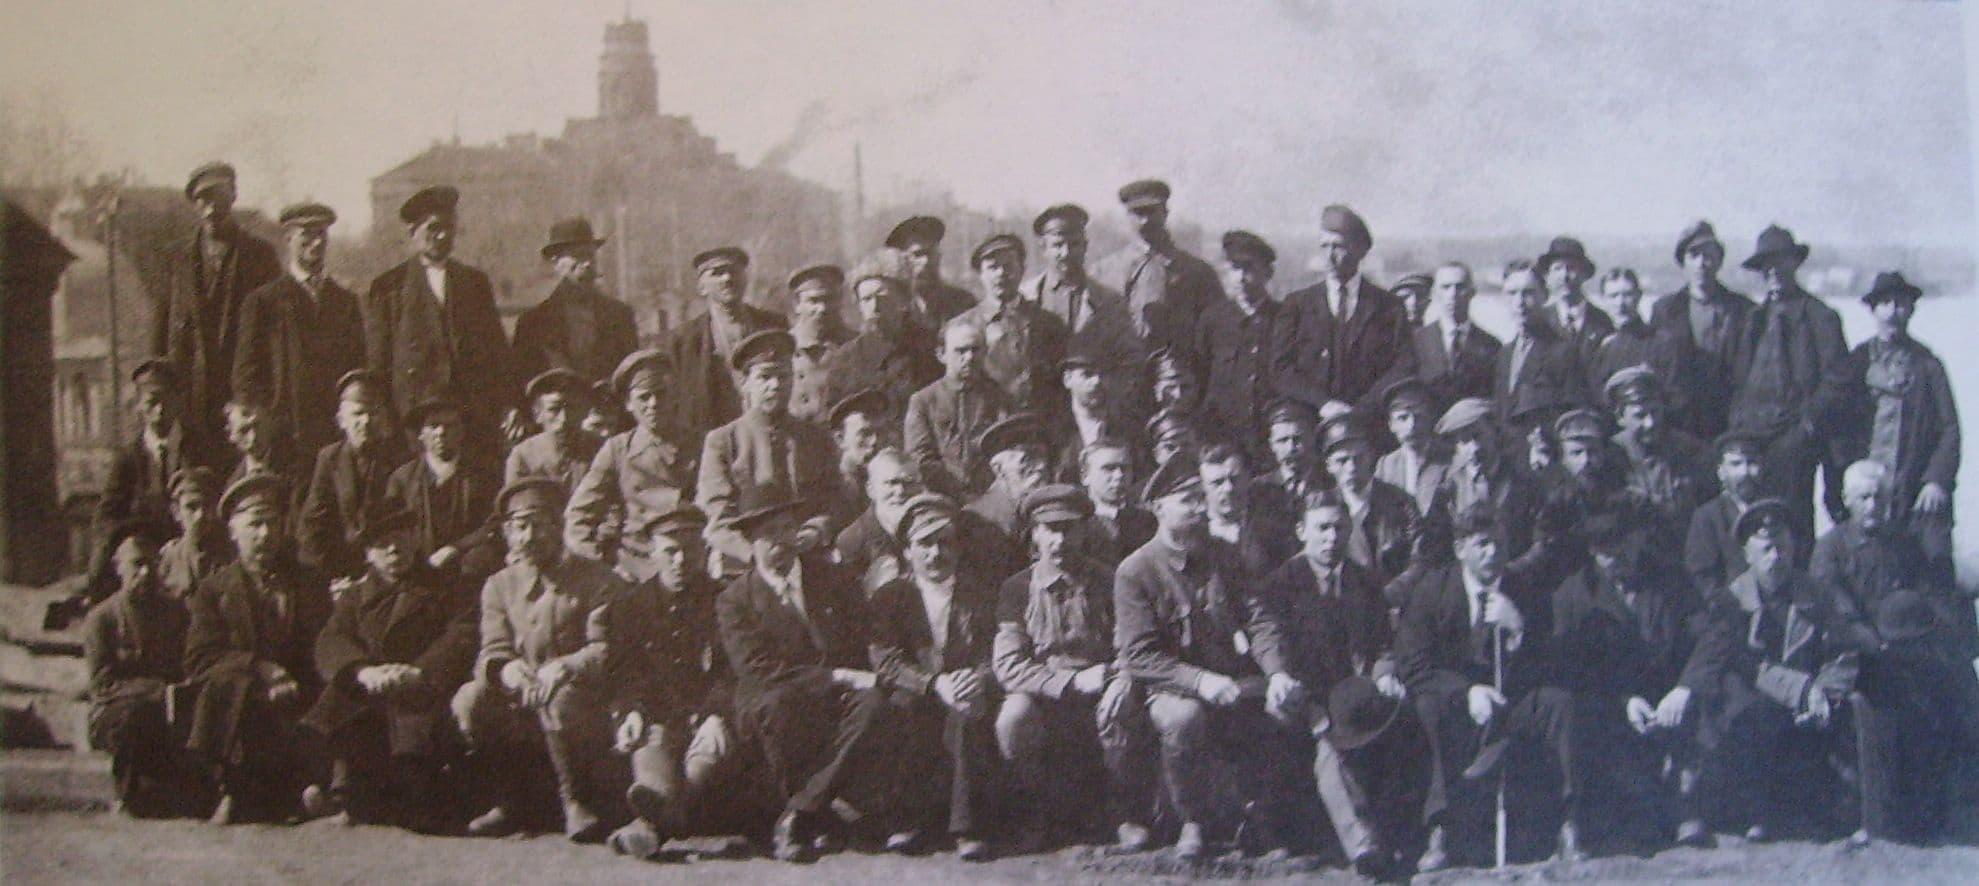 Работники Ижевского оружейного и сталеделательного заводов, Ижевск. 1909 г.